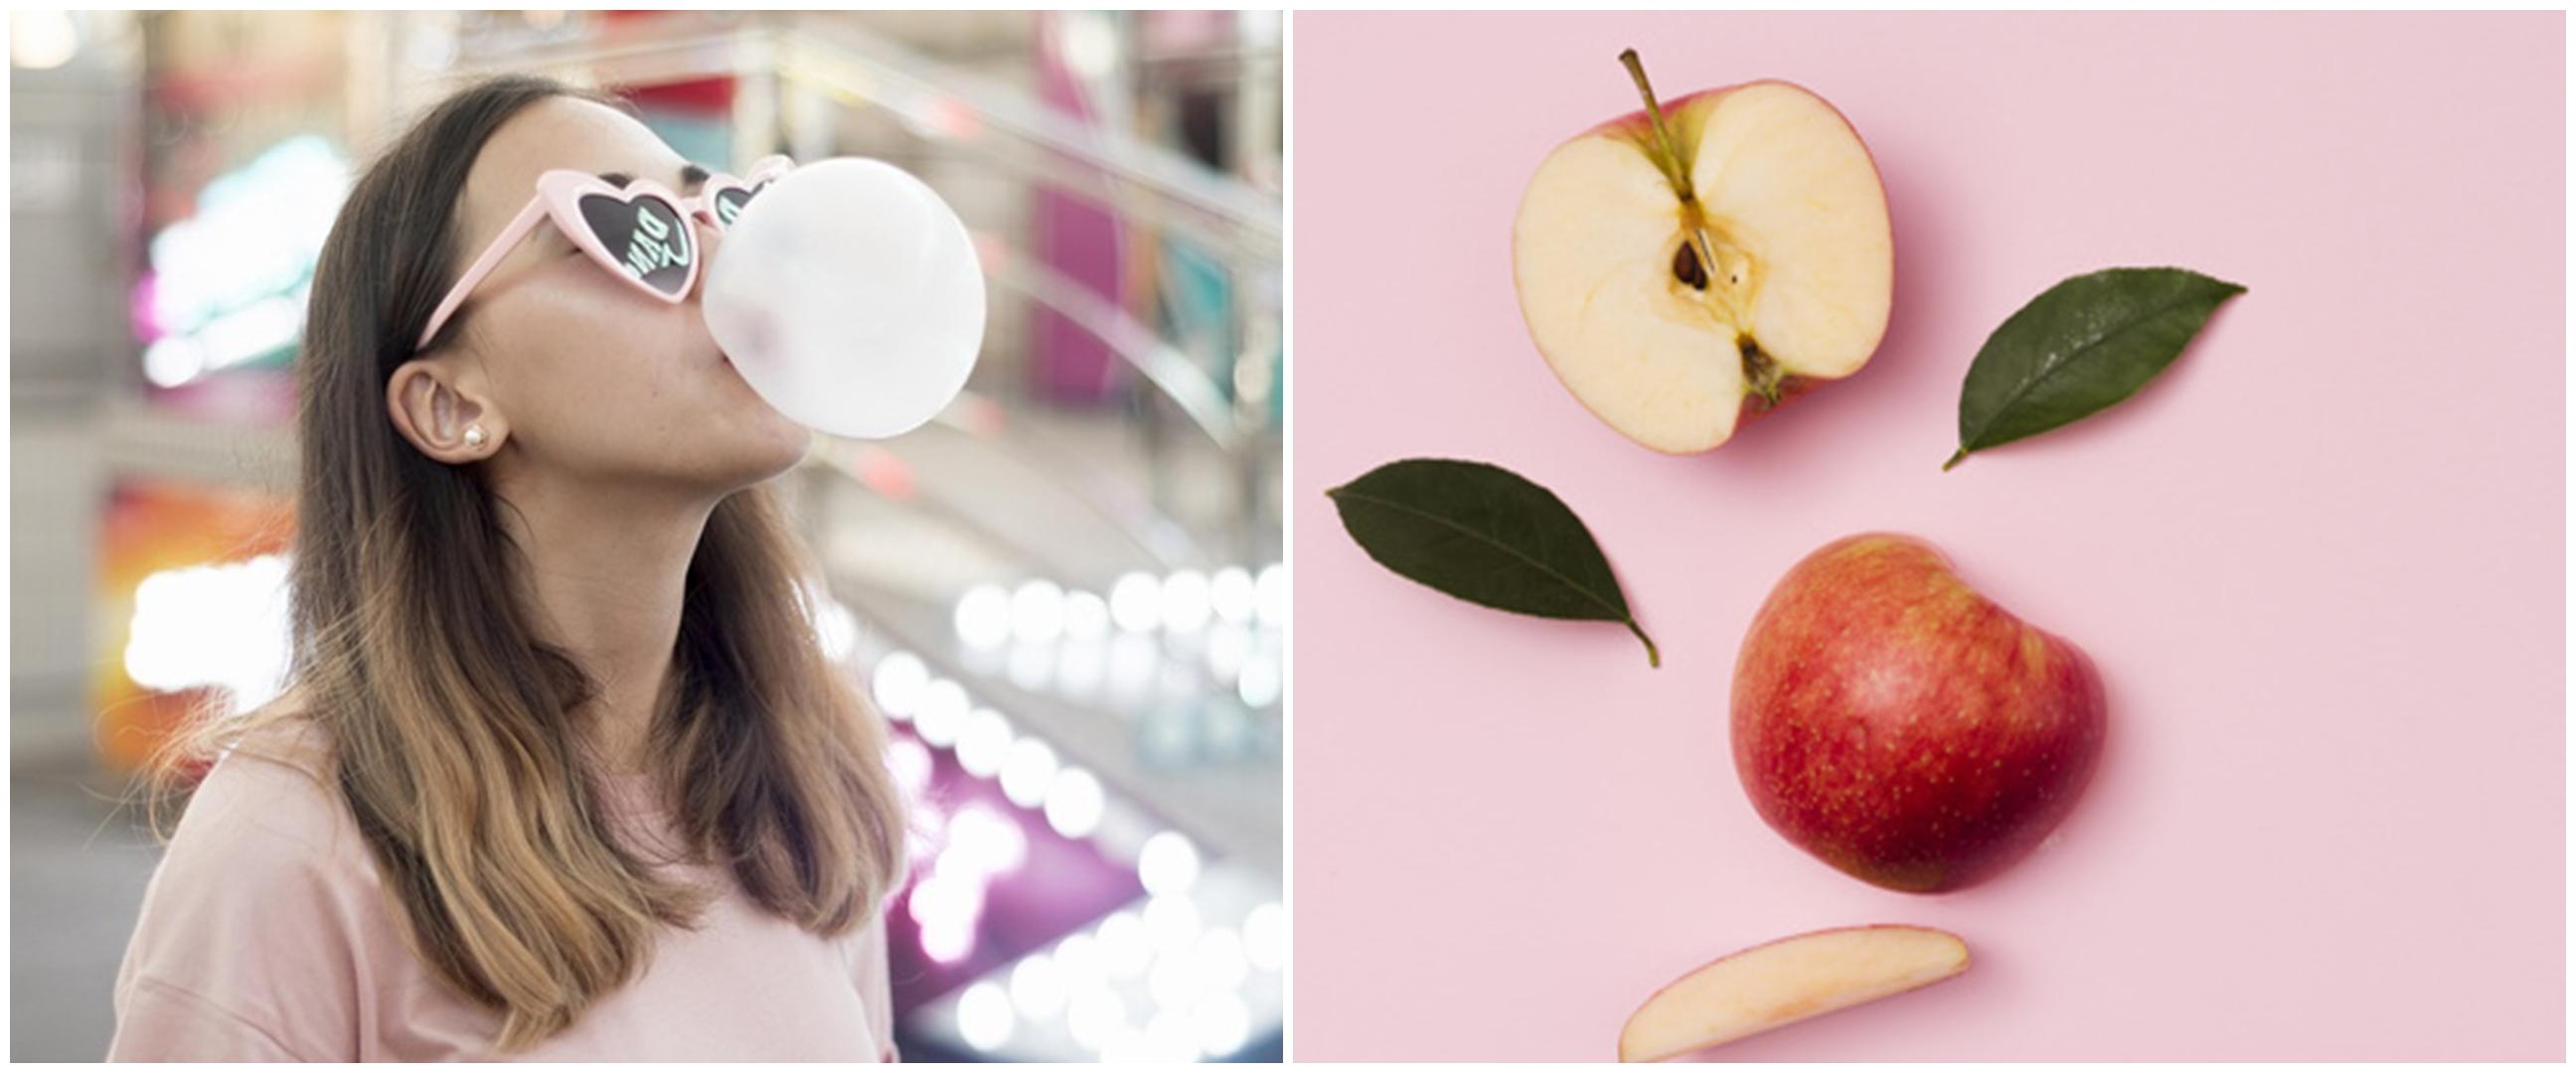 9 Makanan penghilang bau mulut, sederhana dan mudah ditemukan